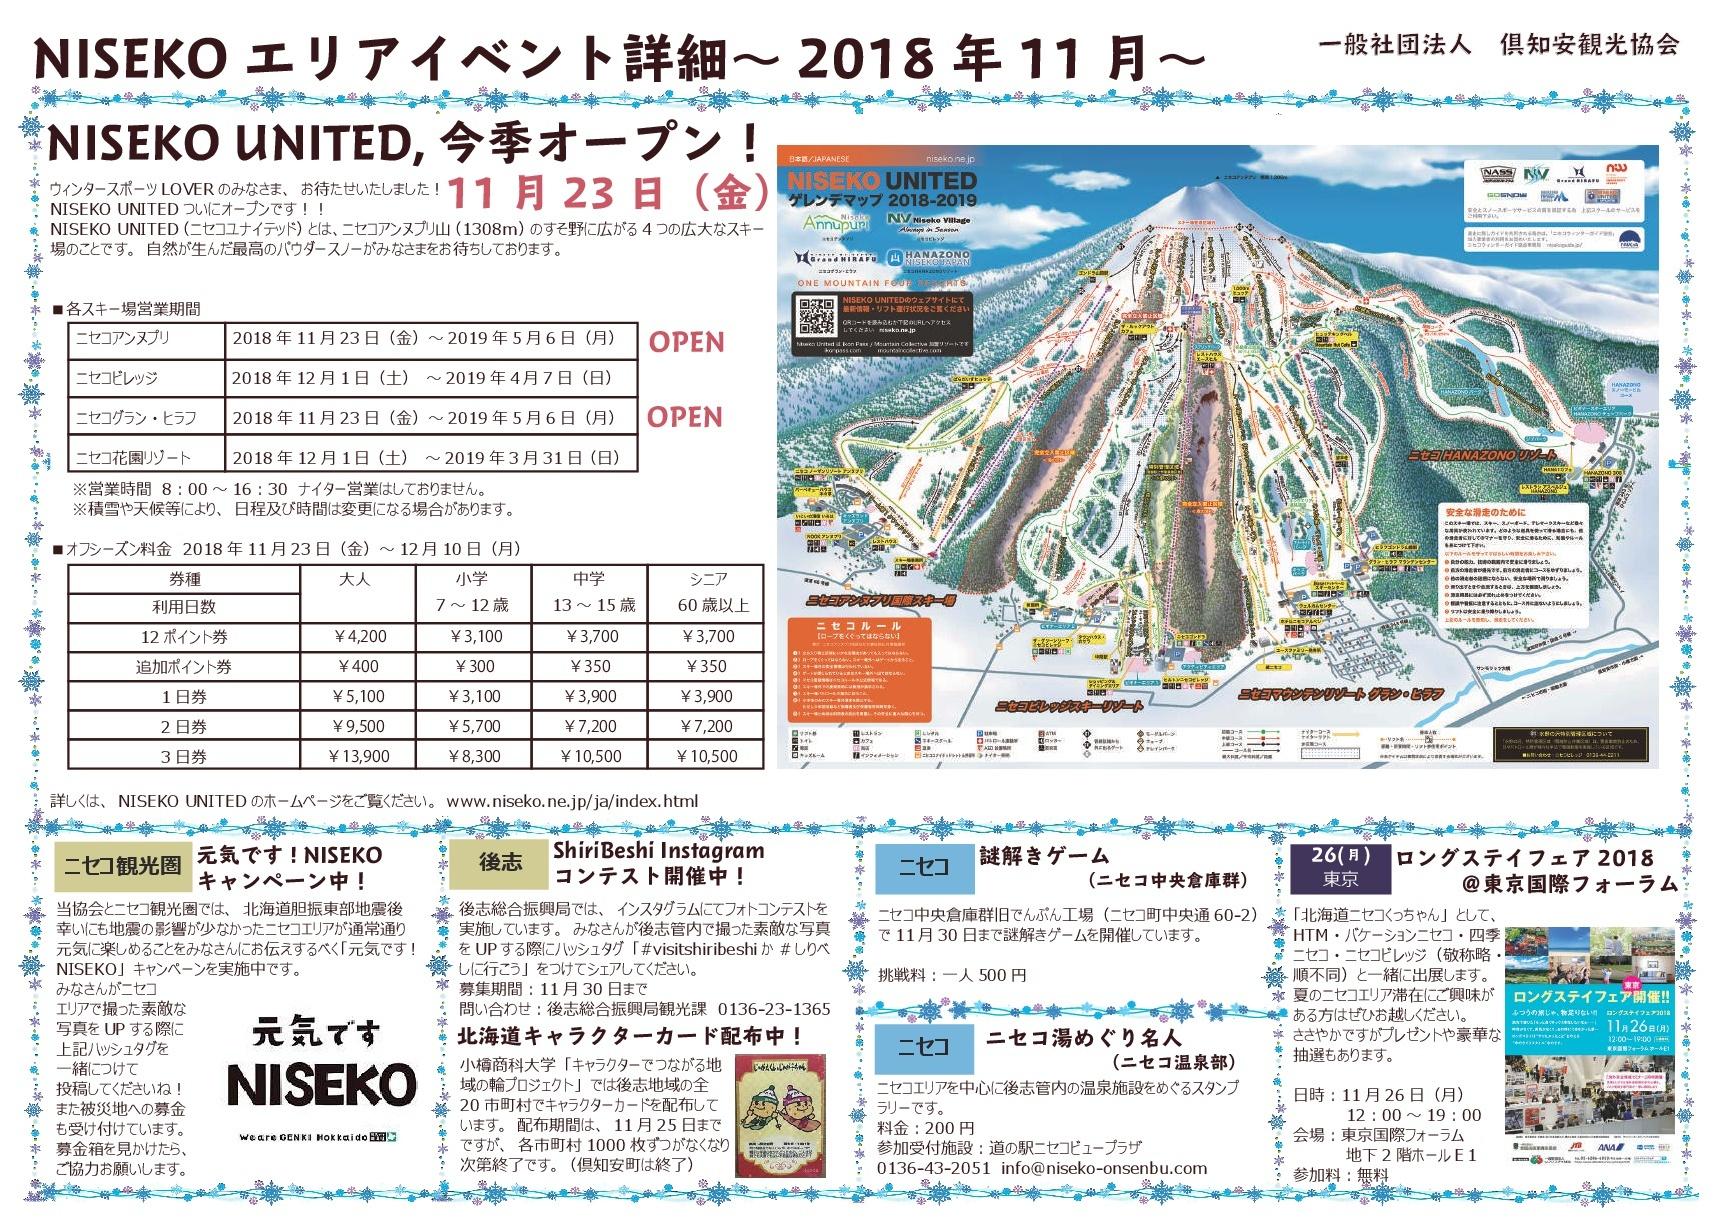 201811イベント詳細-2 Compressed 001